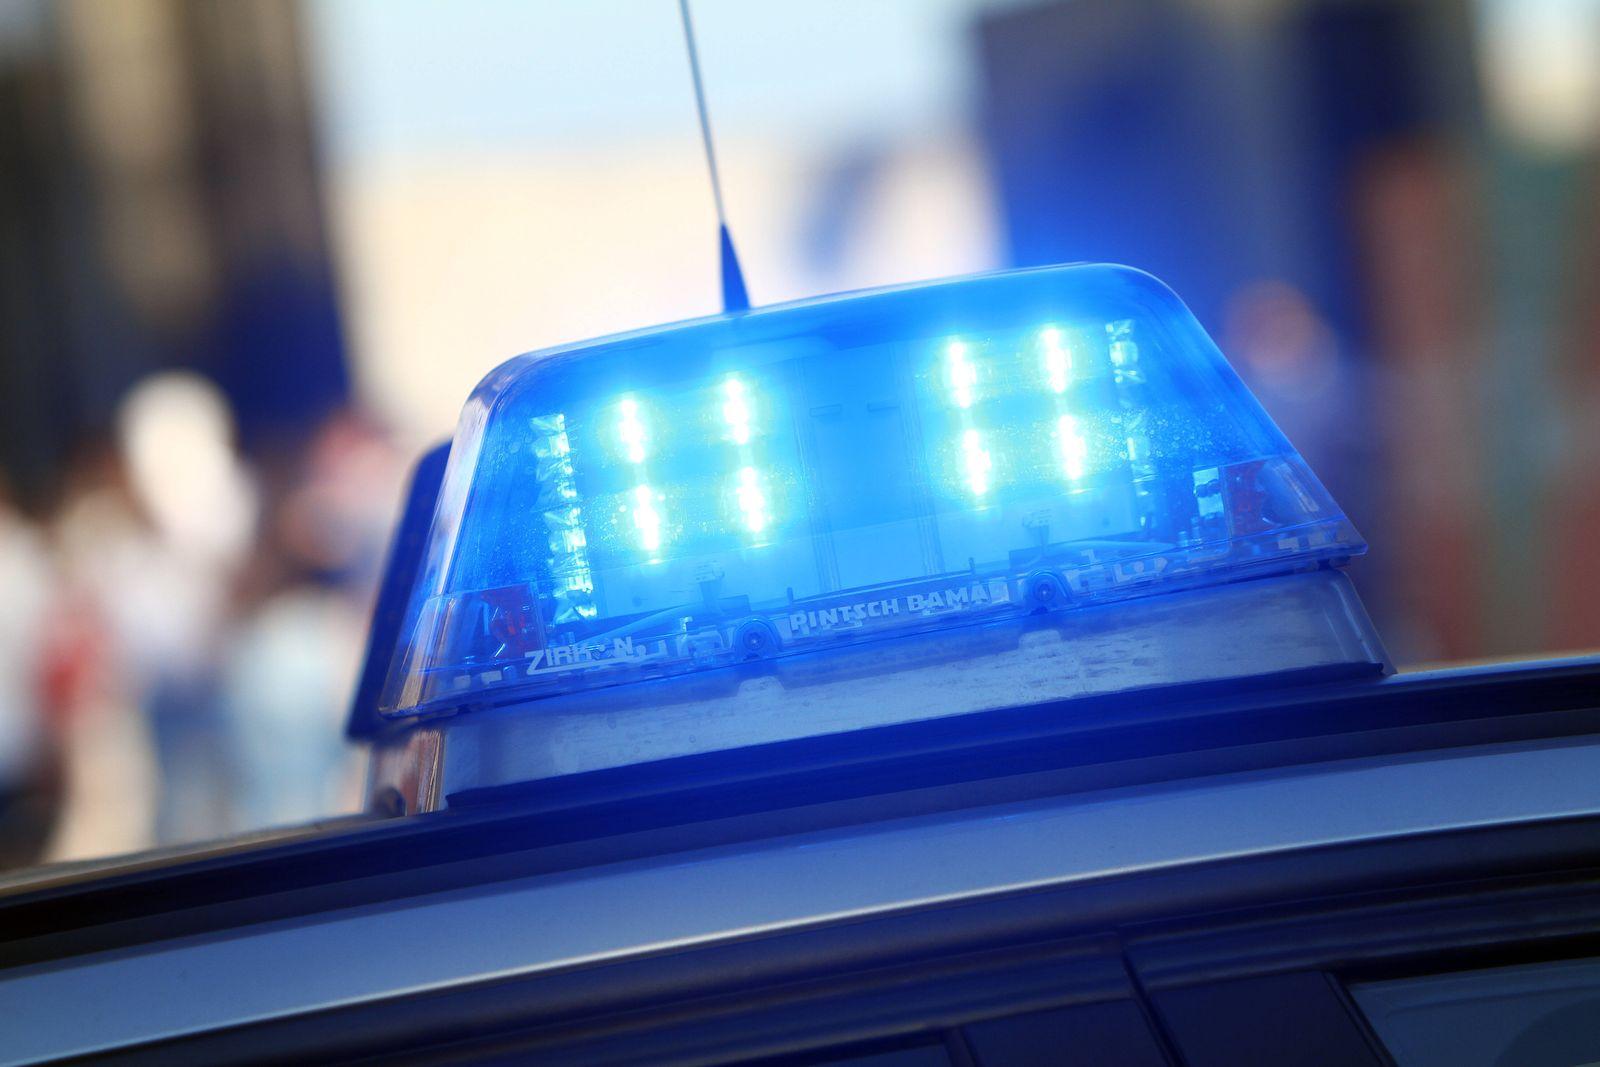 Einsatzwagen der Polizei bei einem Einsatz in der Innenstadt von Köln, Nordrhein Westfalen, Deutschland *** Police car